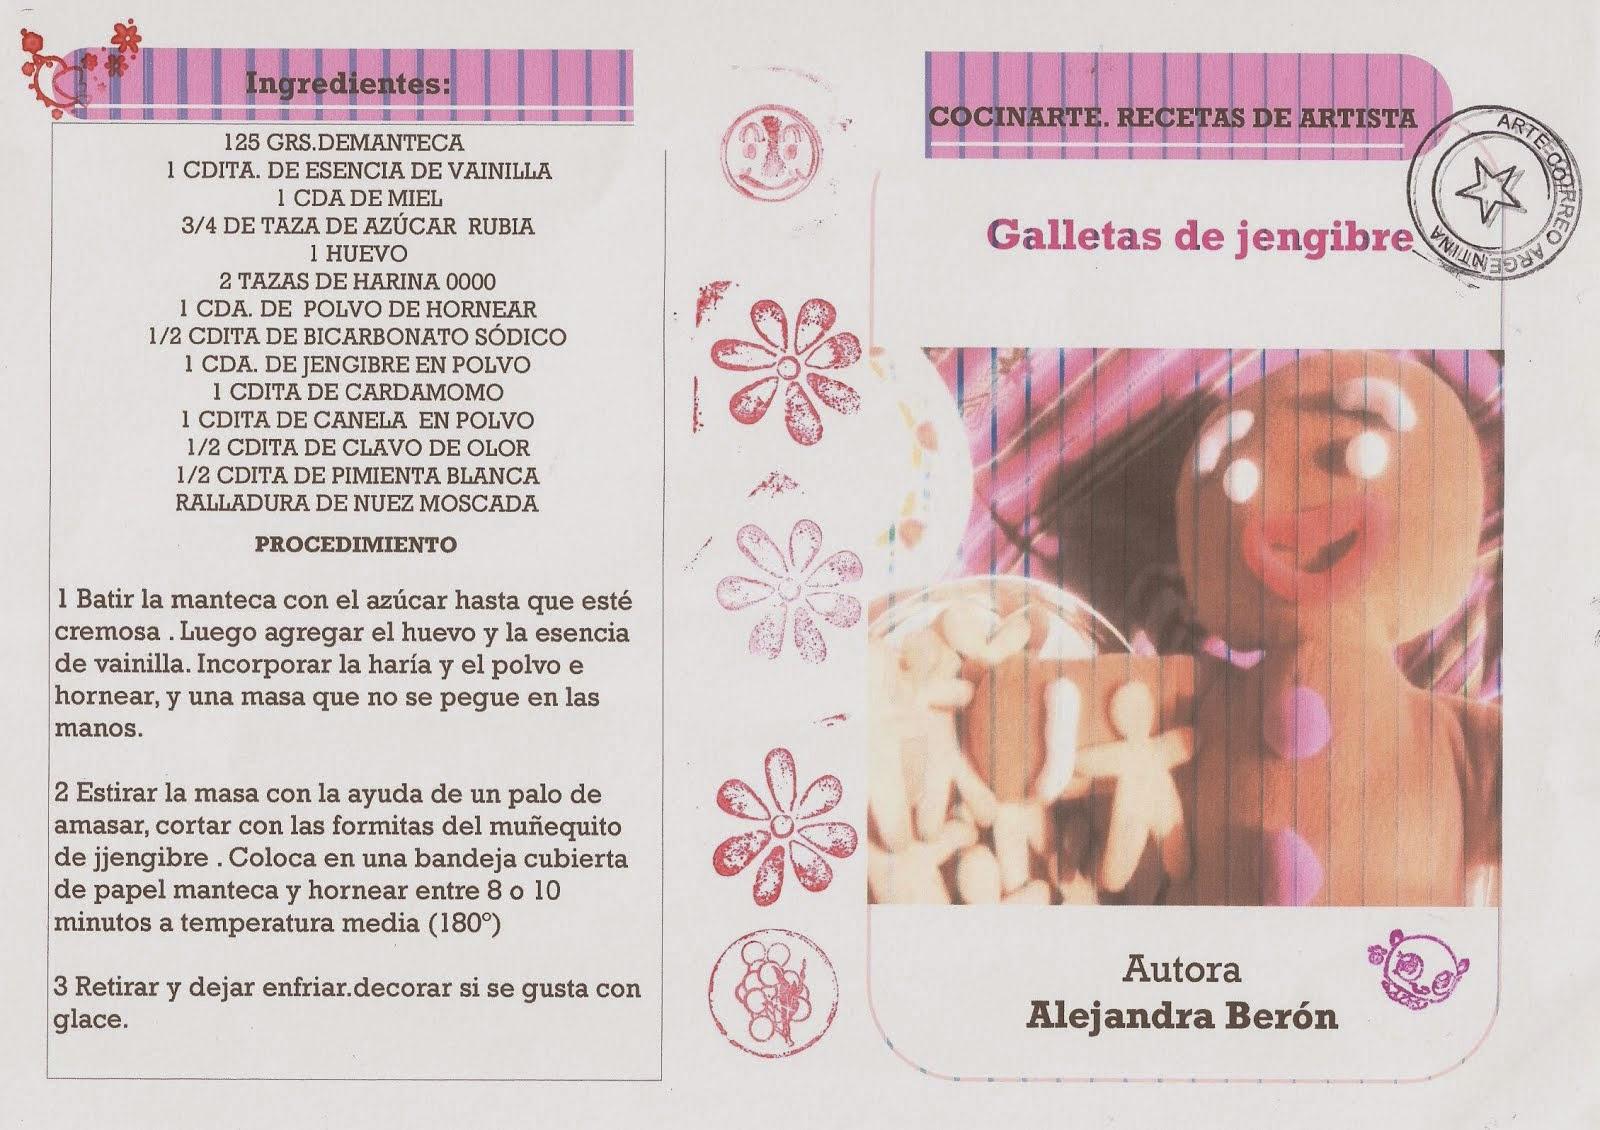 Alejandra Berón - Argentina